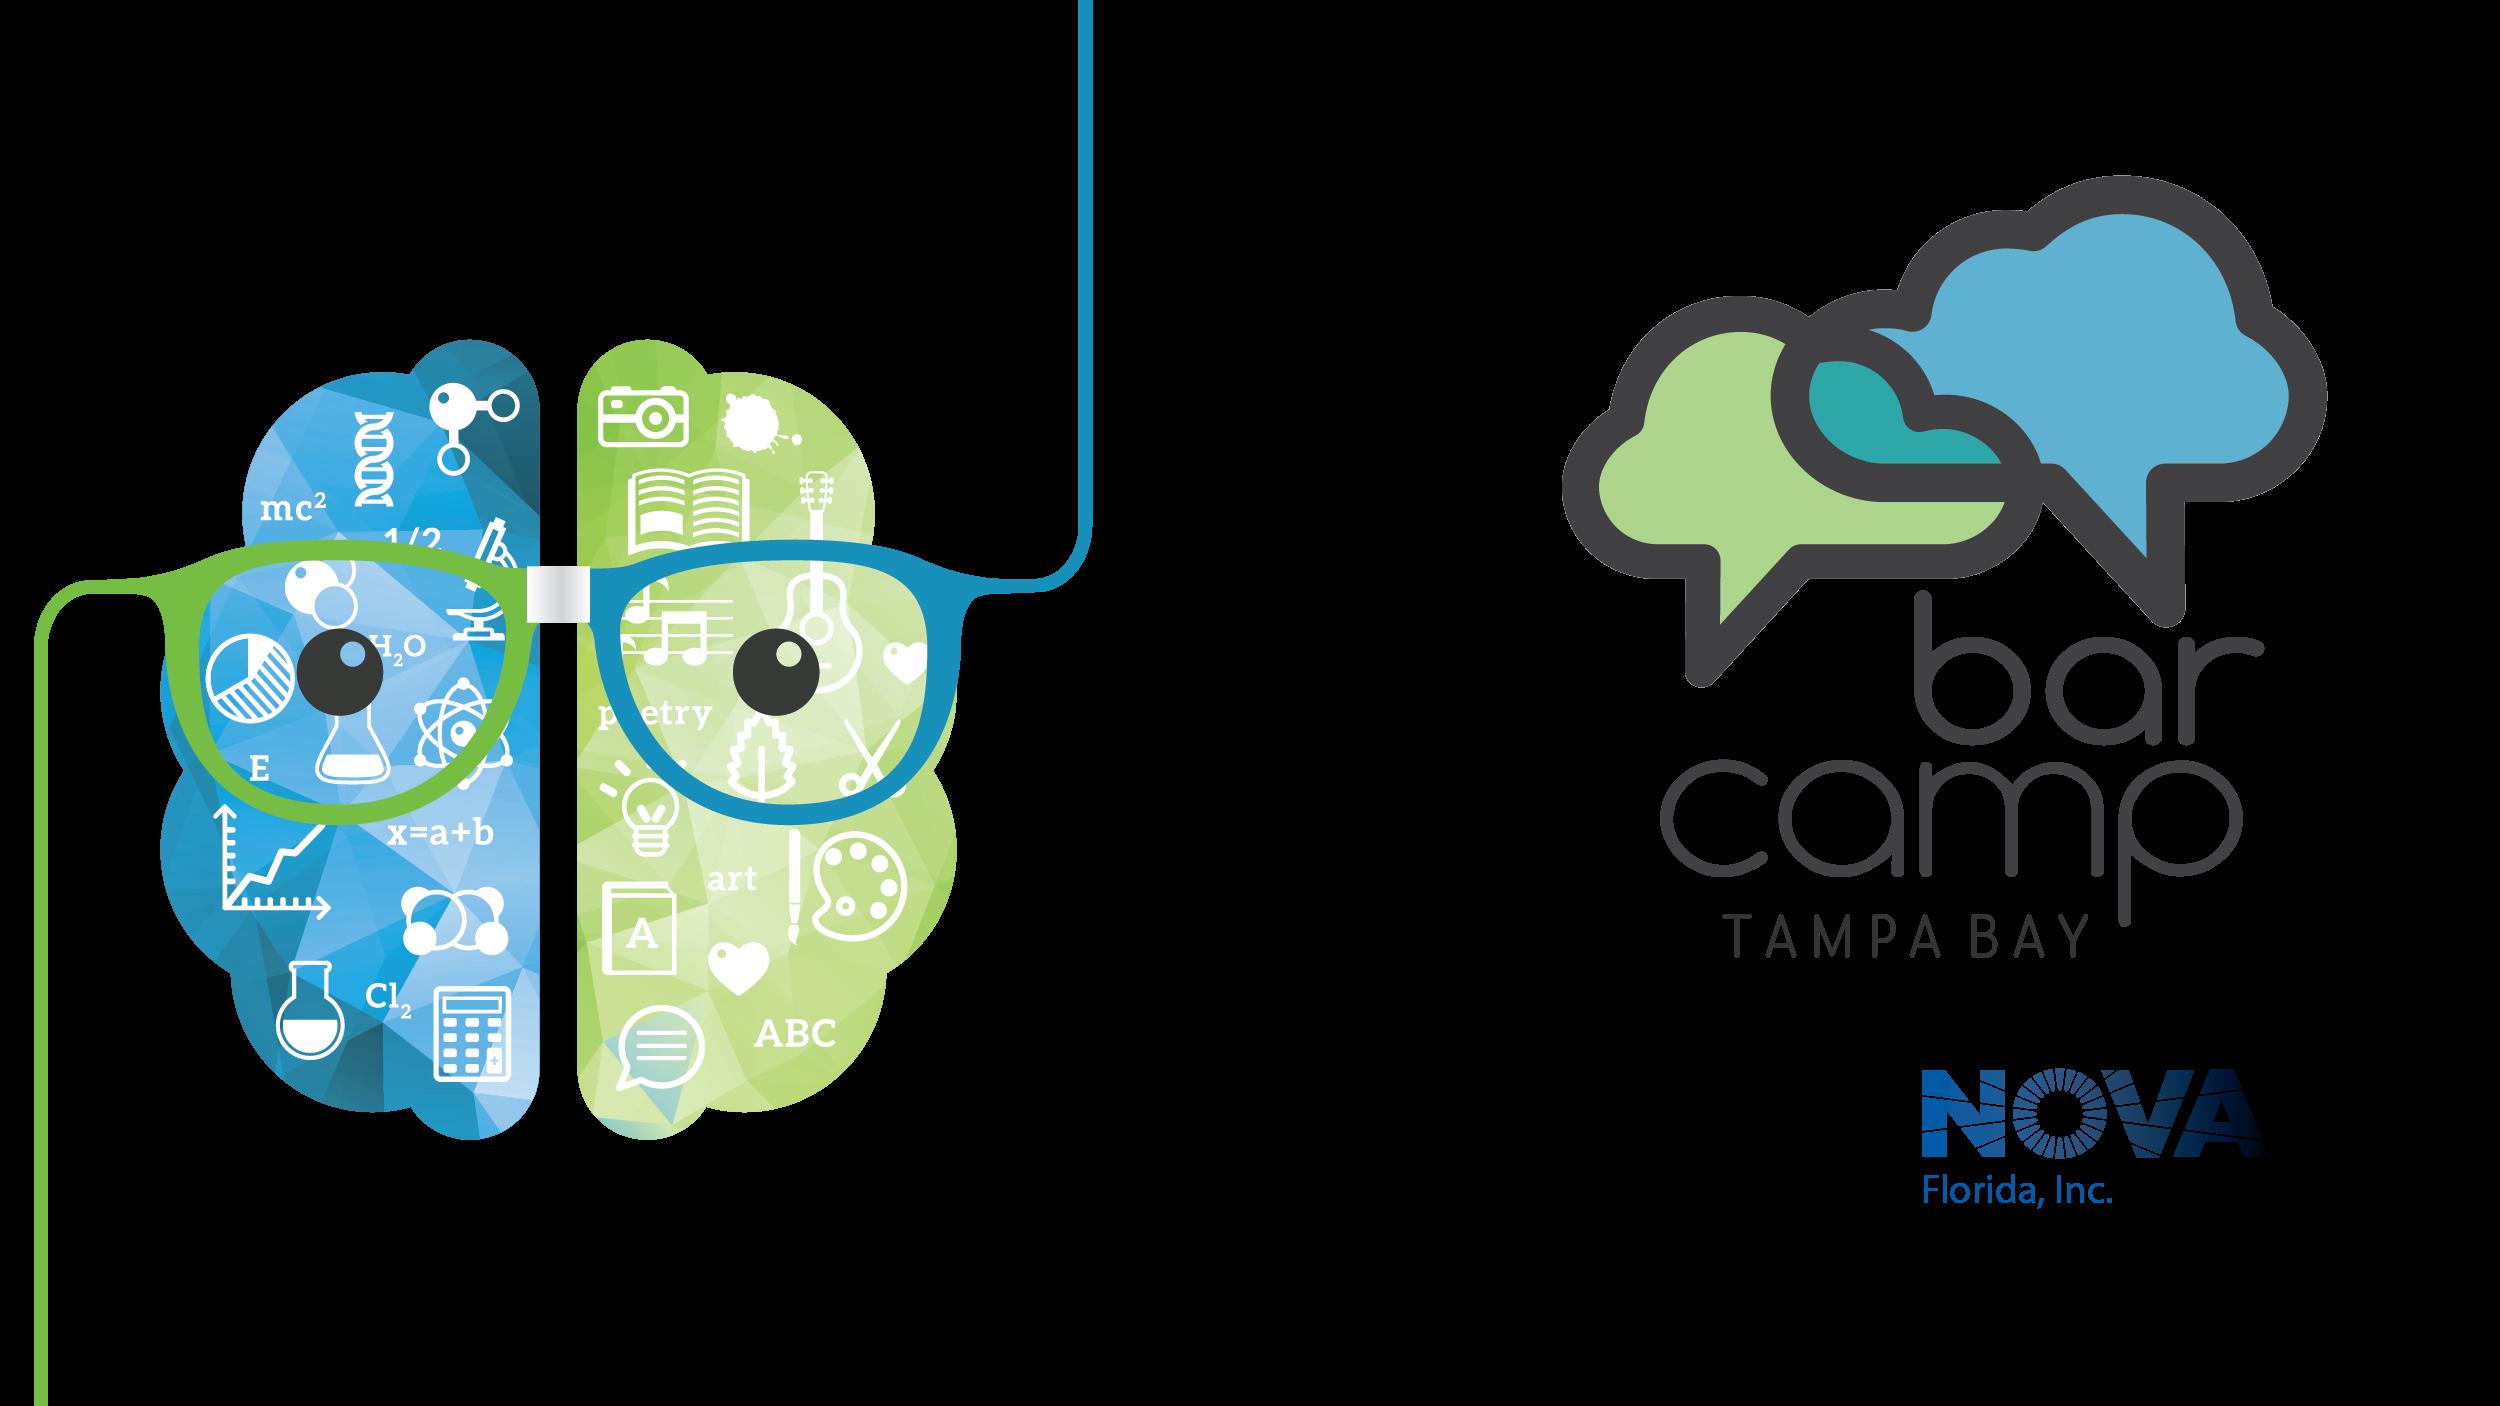 BarCamp Tampa Bay